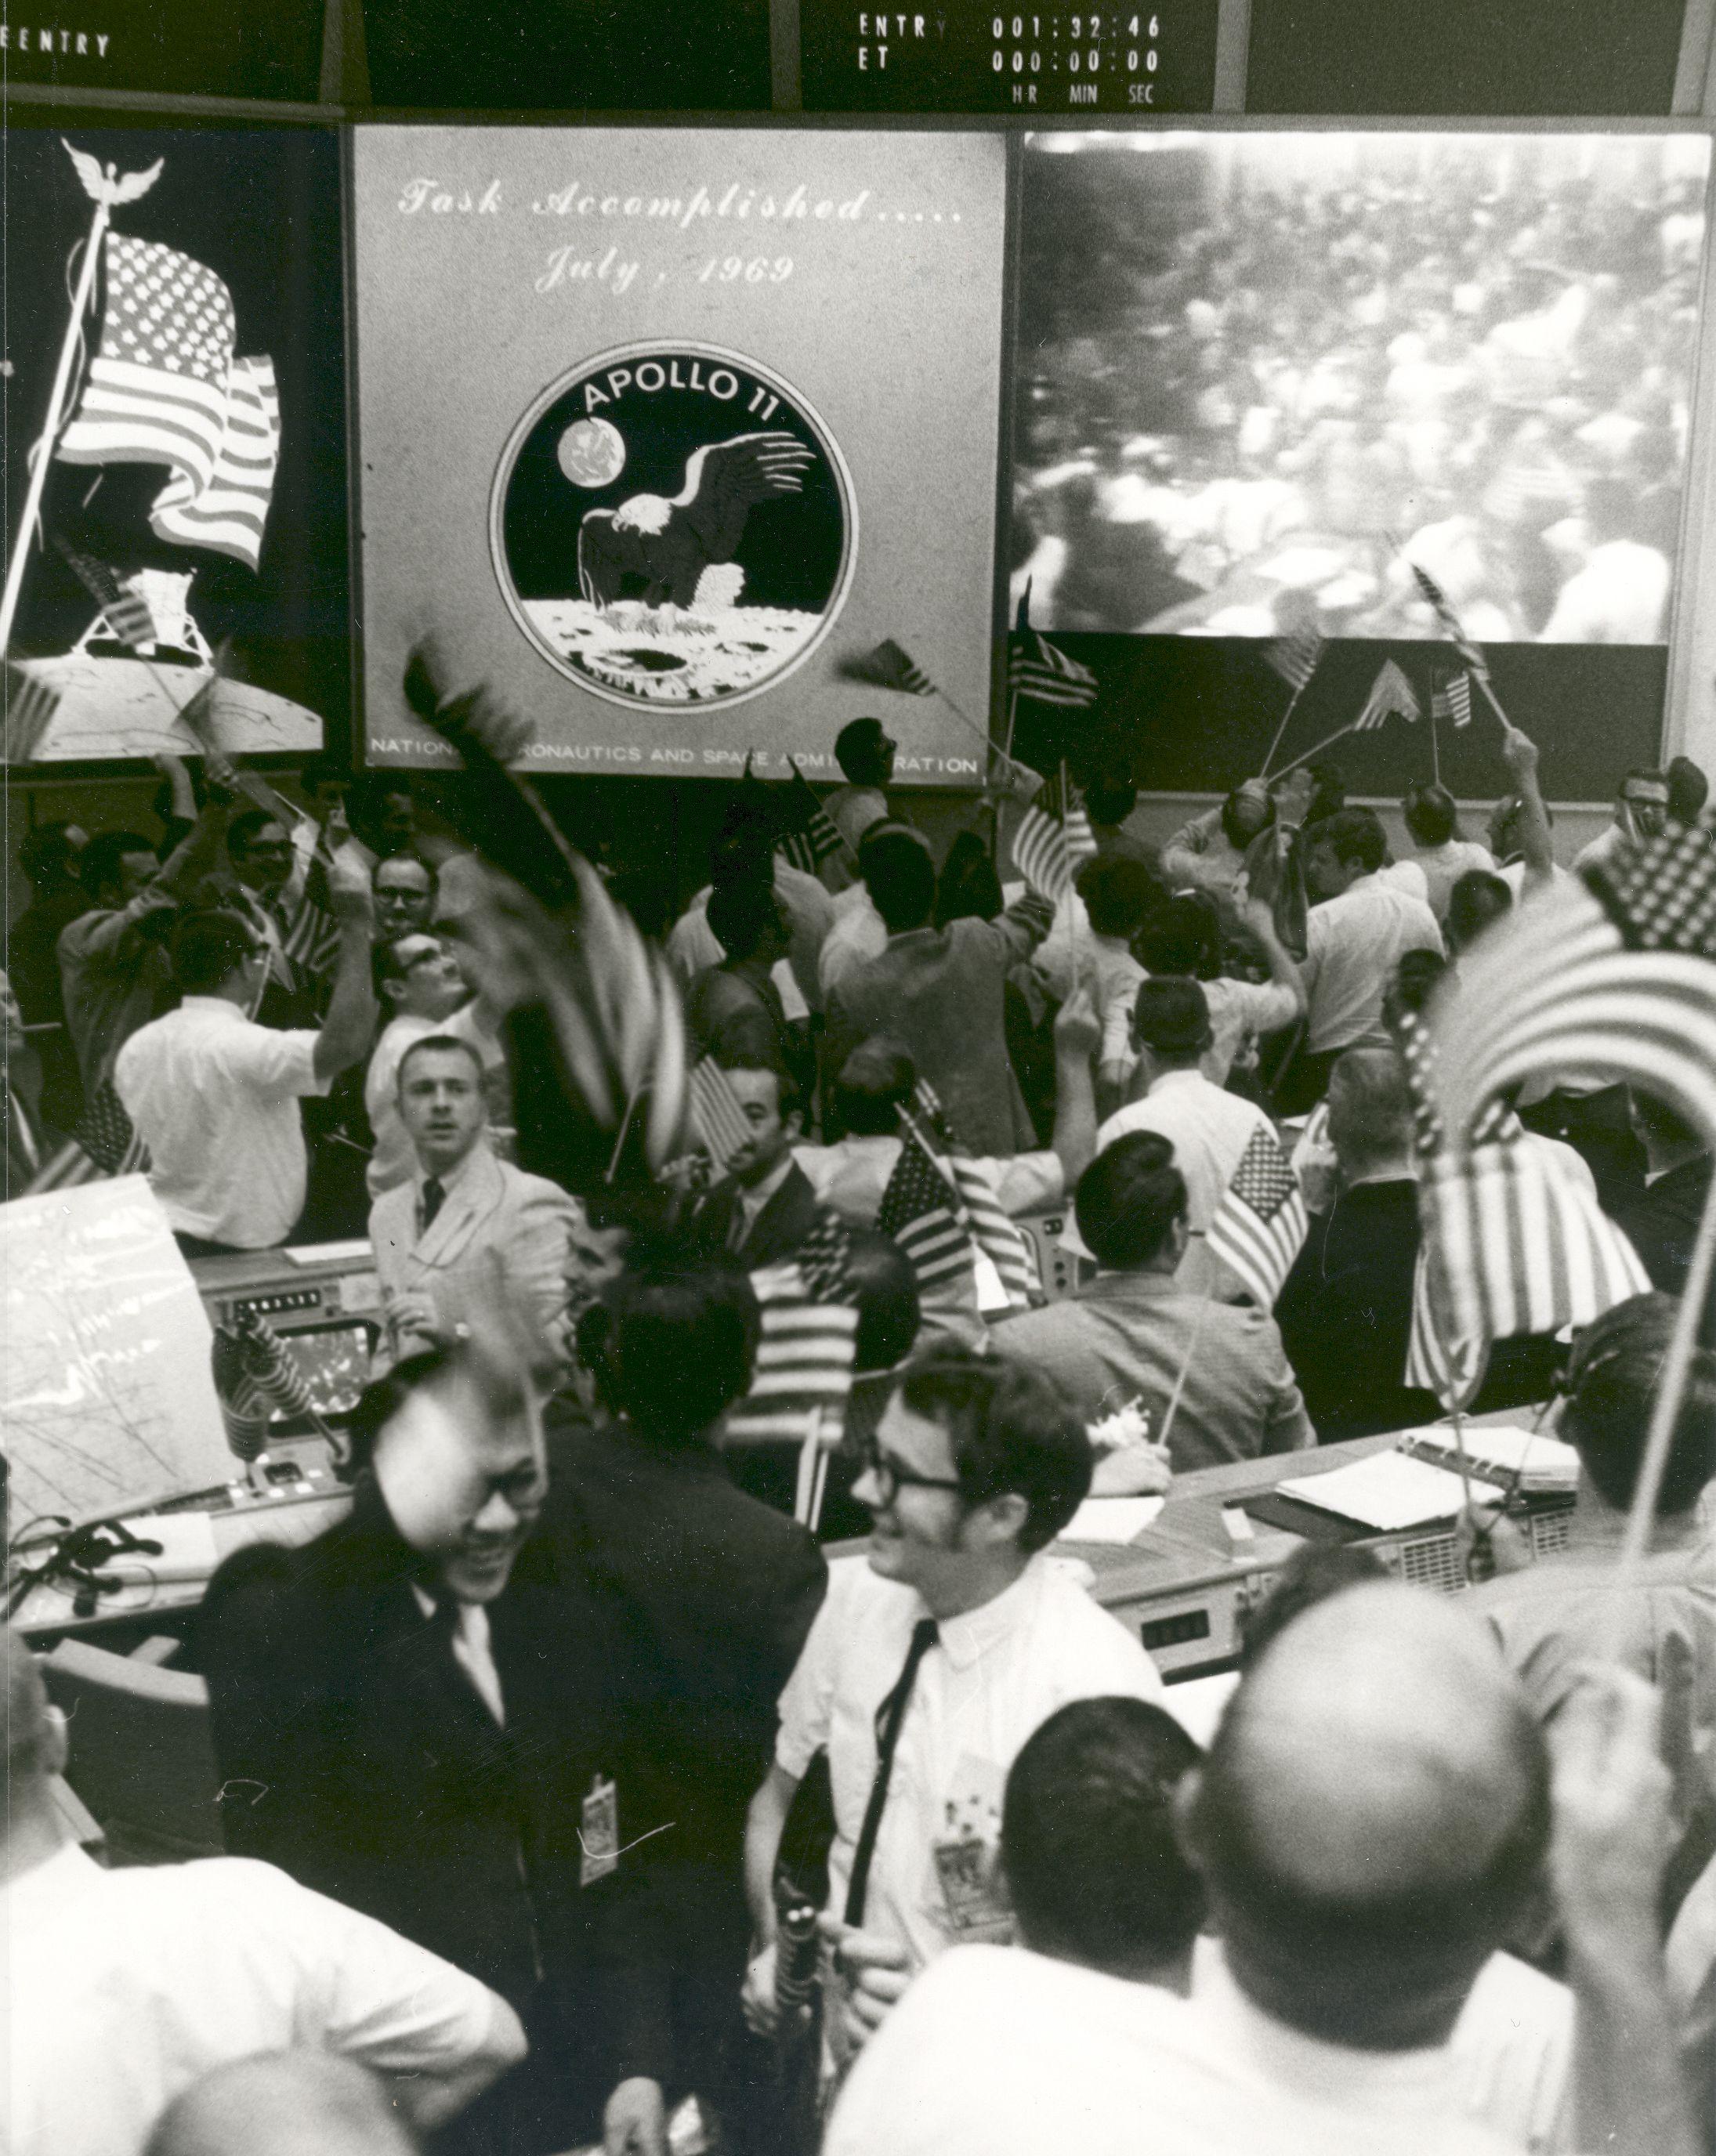 Celebrating Apollo 11 Apollo 11 Mission Apollo 11 Apollo Moon Missions